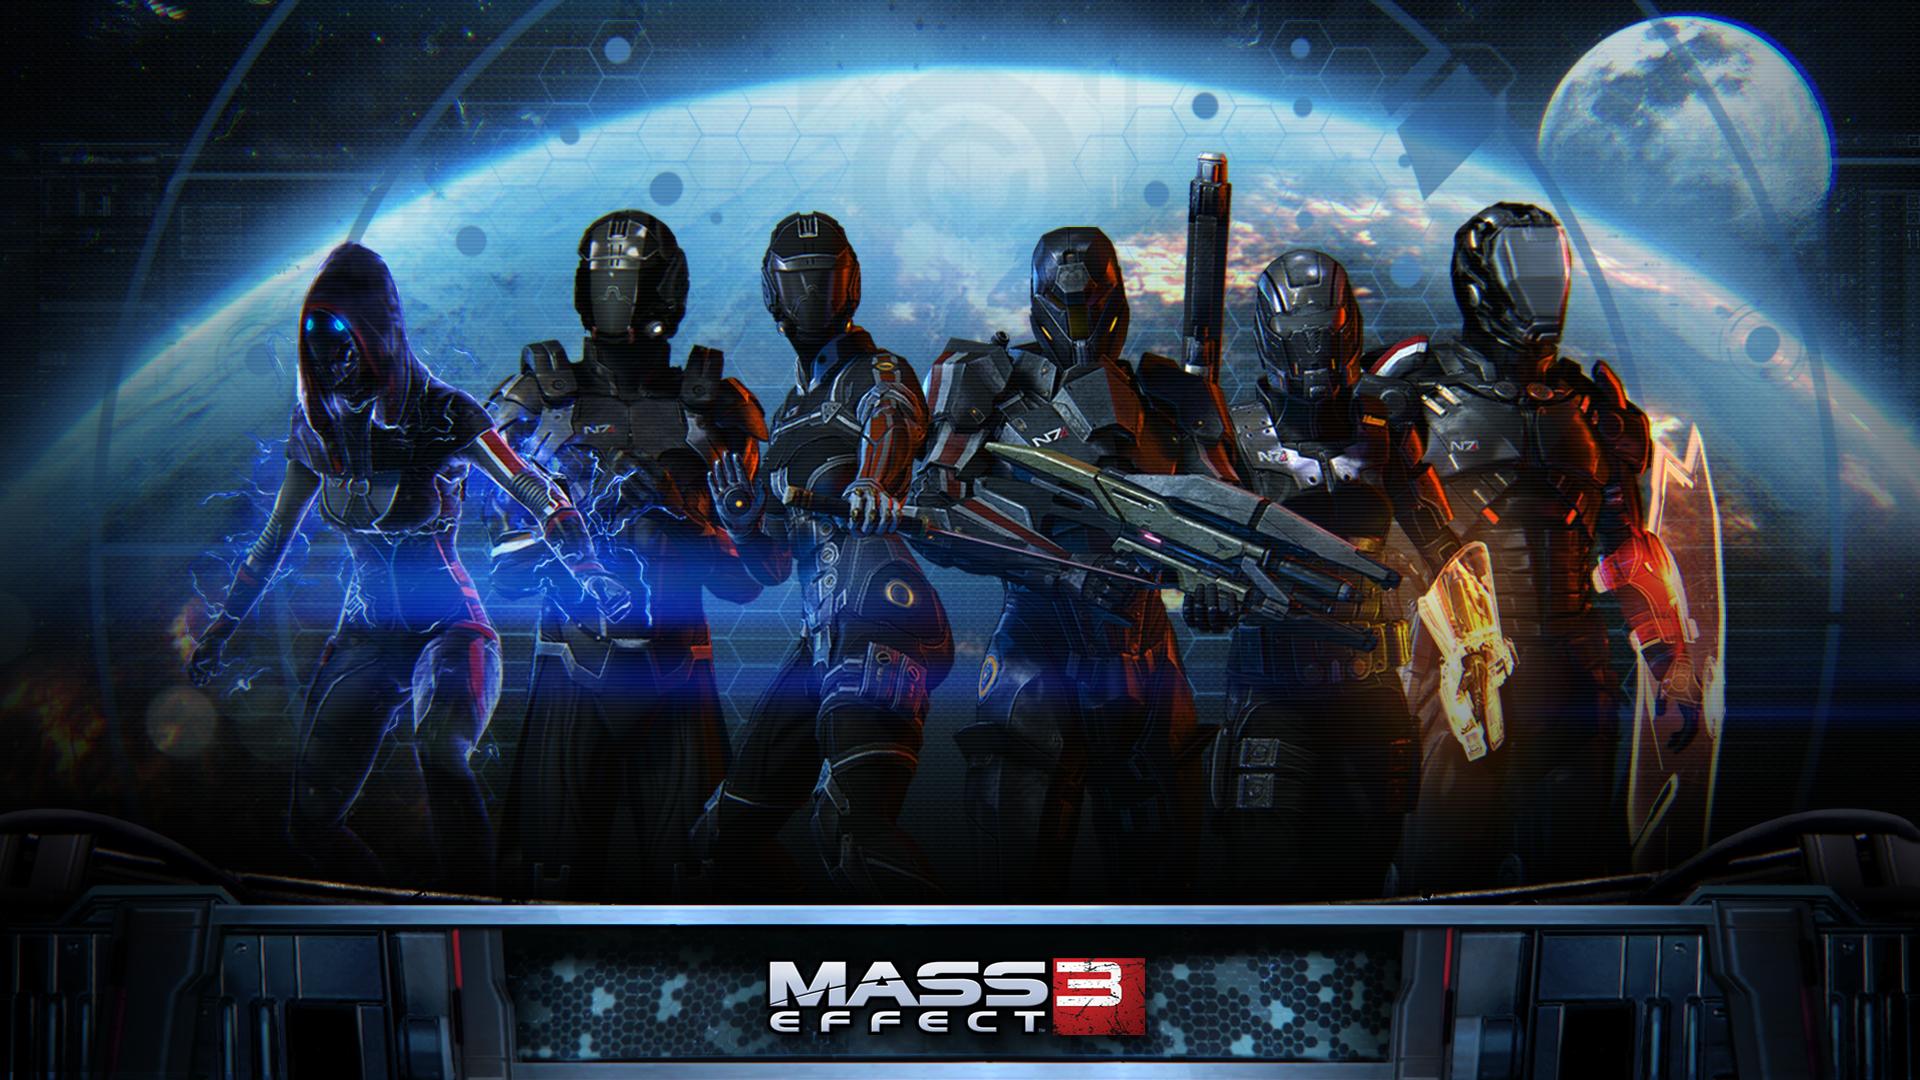 Mass Effect 3 Wallpaper: 344 Mass Effect 3 HD Wallpapers